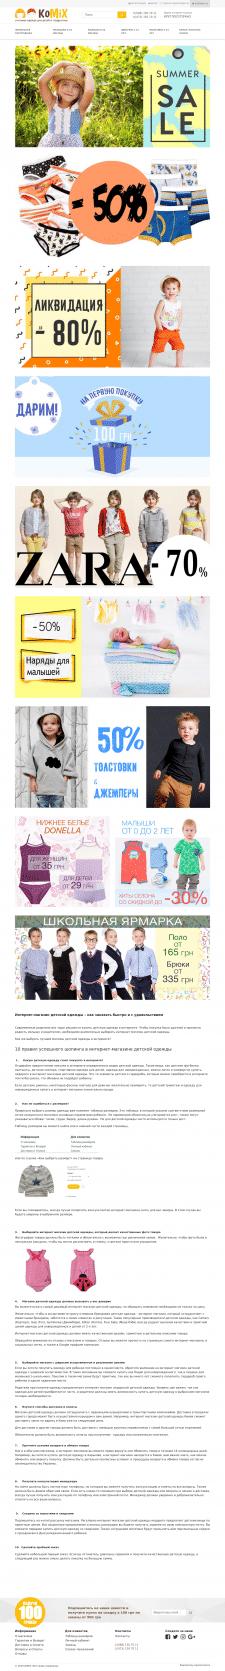 komix.com.ua